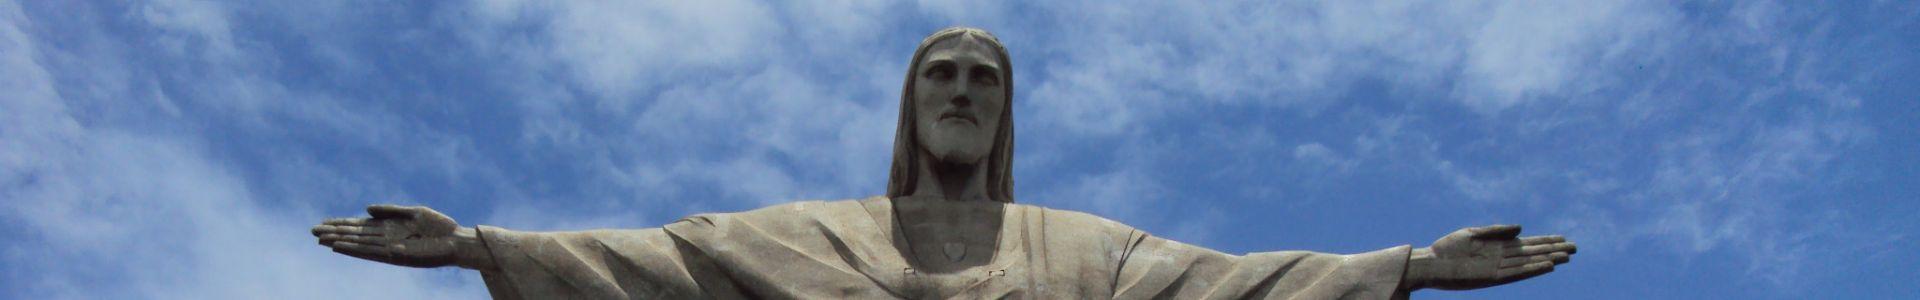 christ-statue-02banner-work